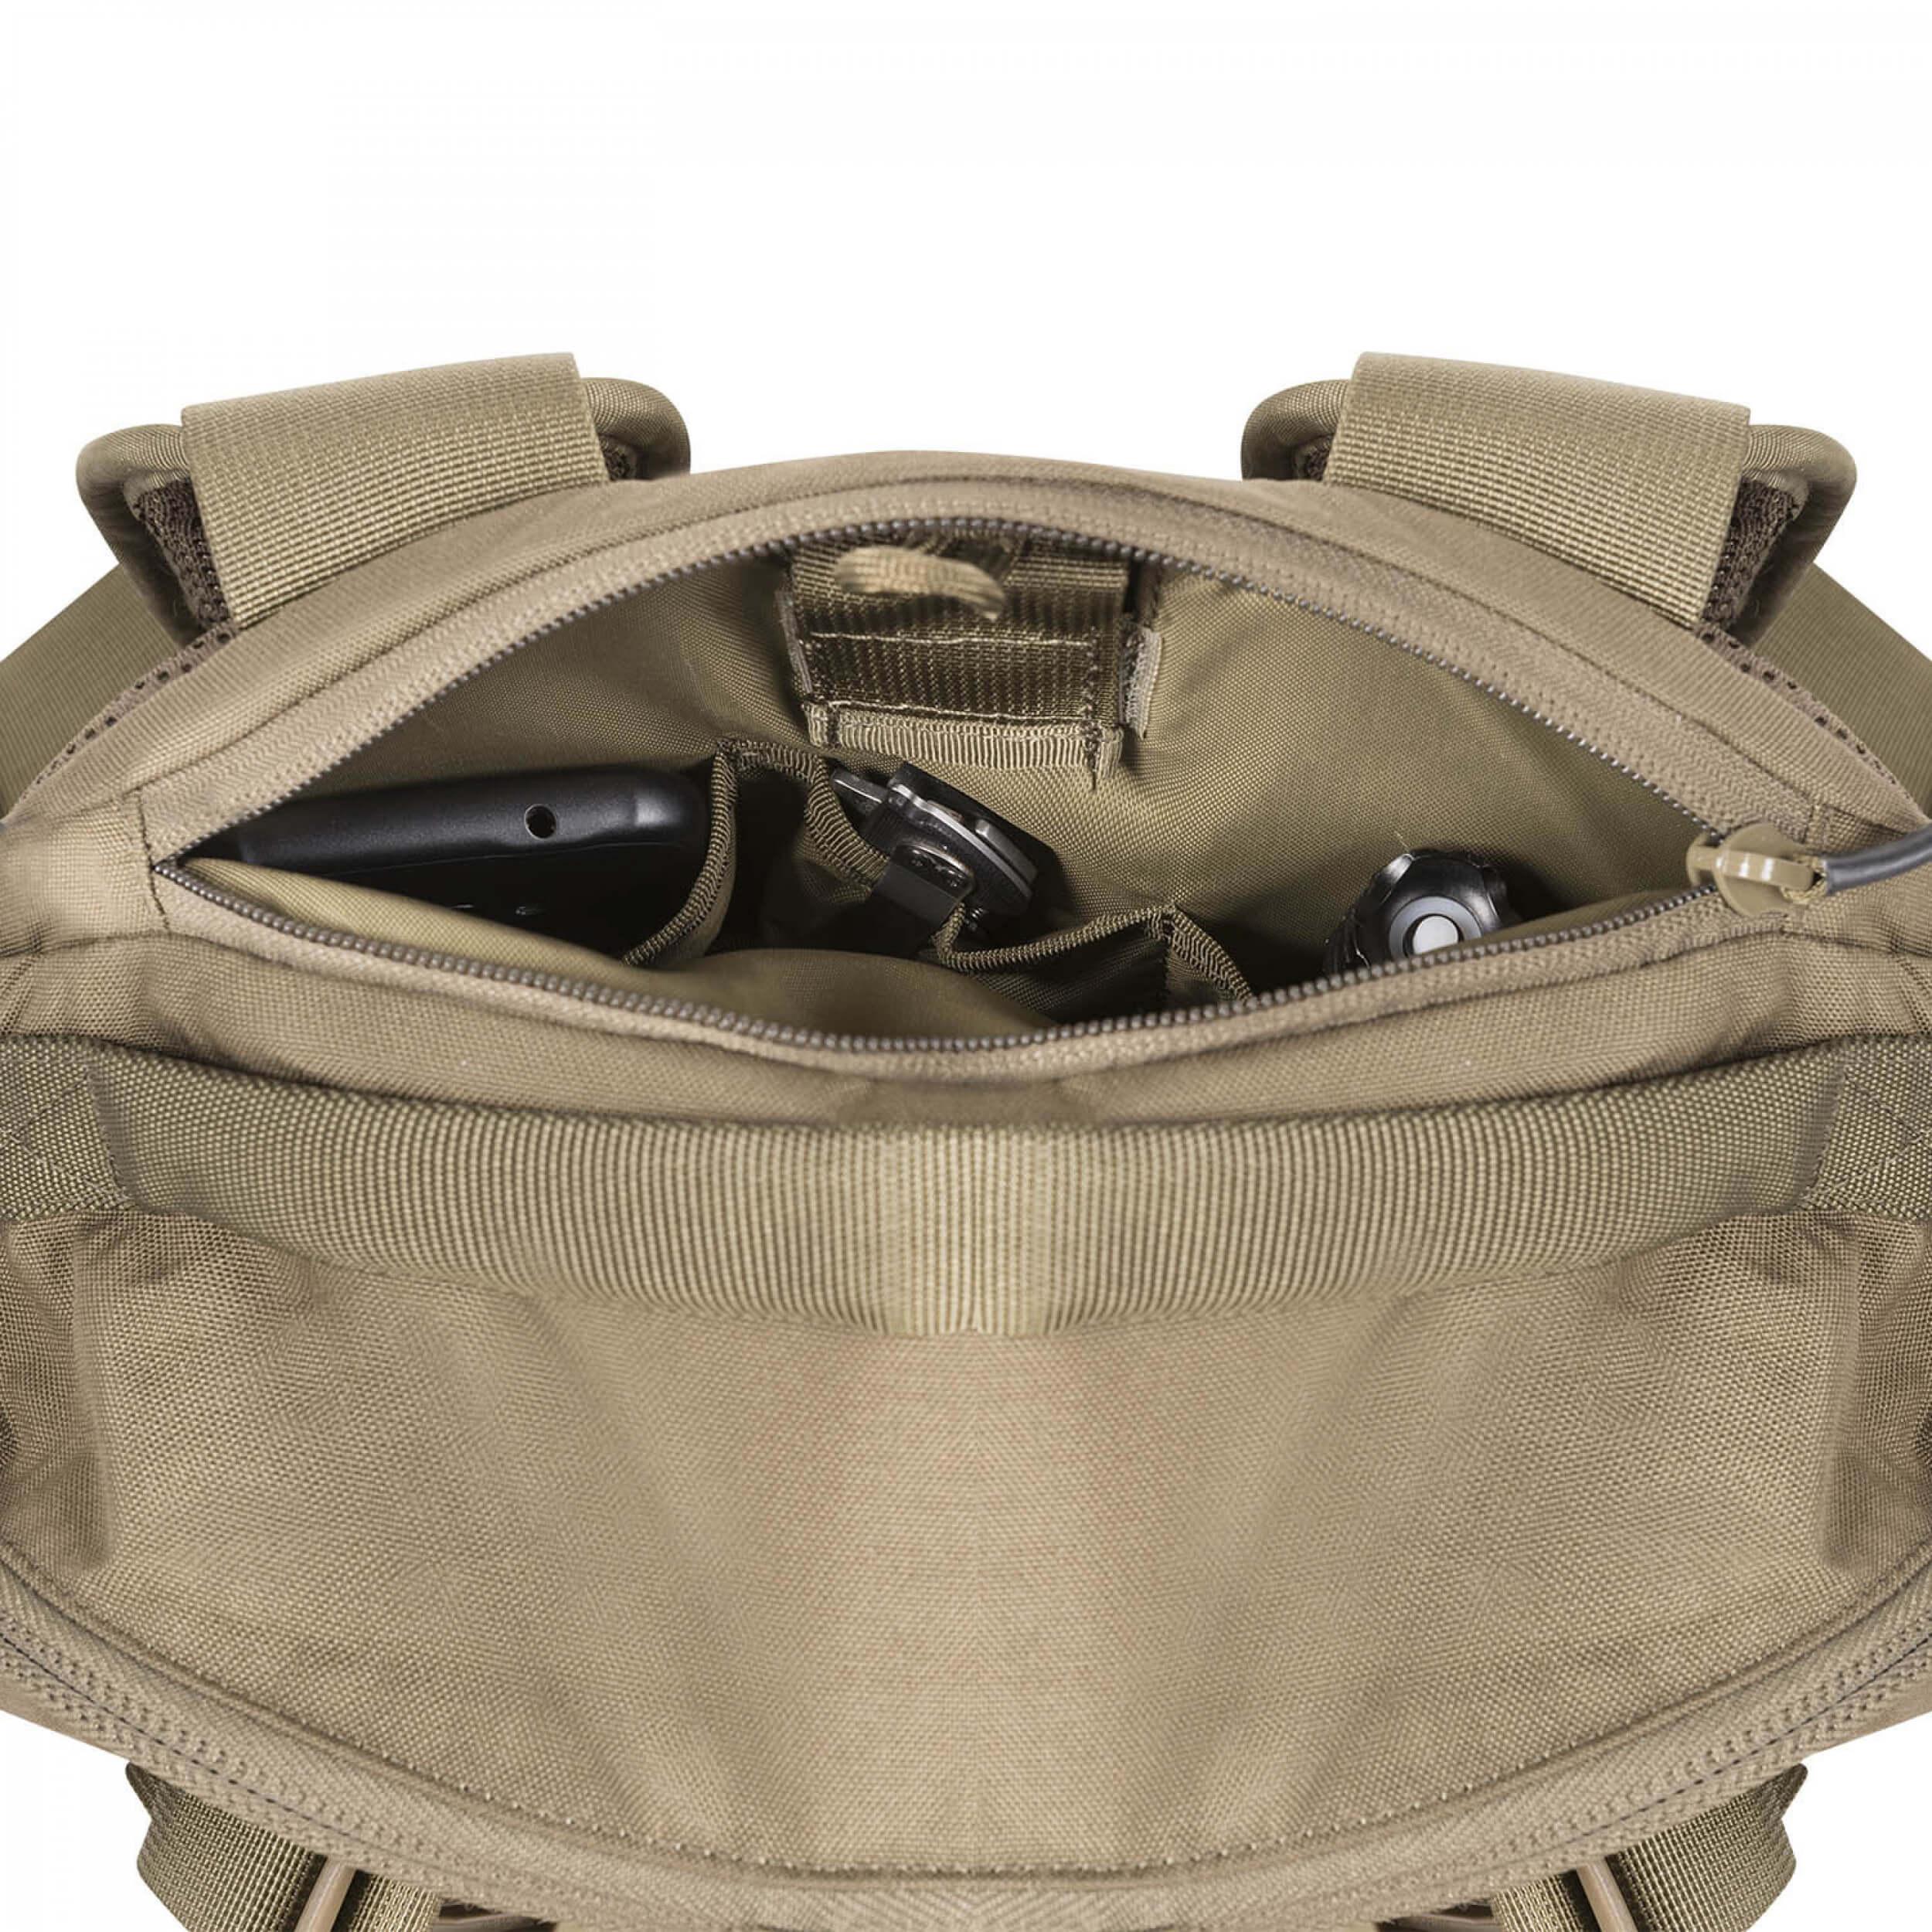 Helikon-Tex Raider Rucksack Multicam